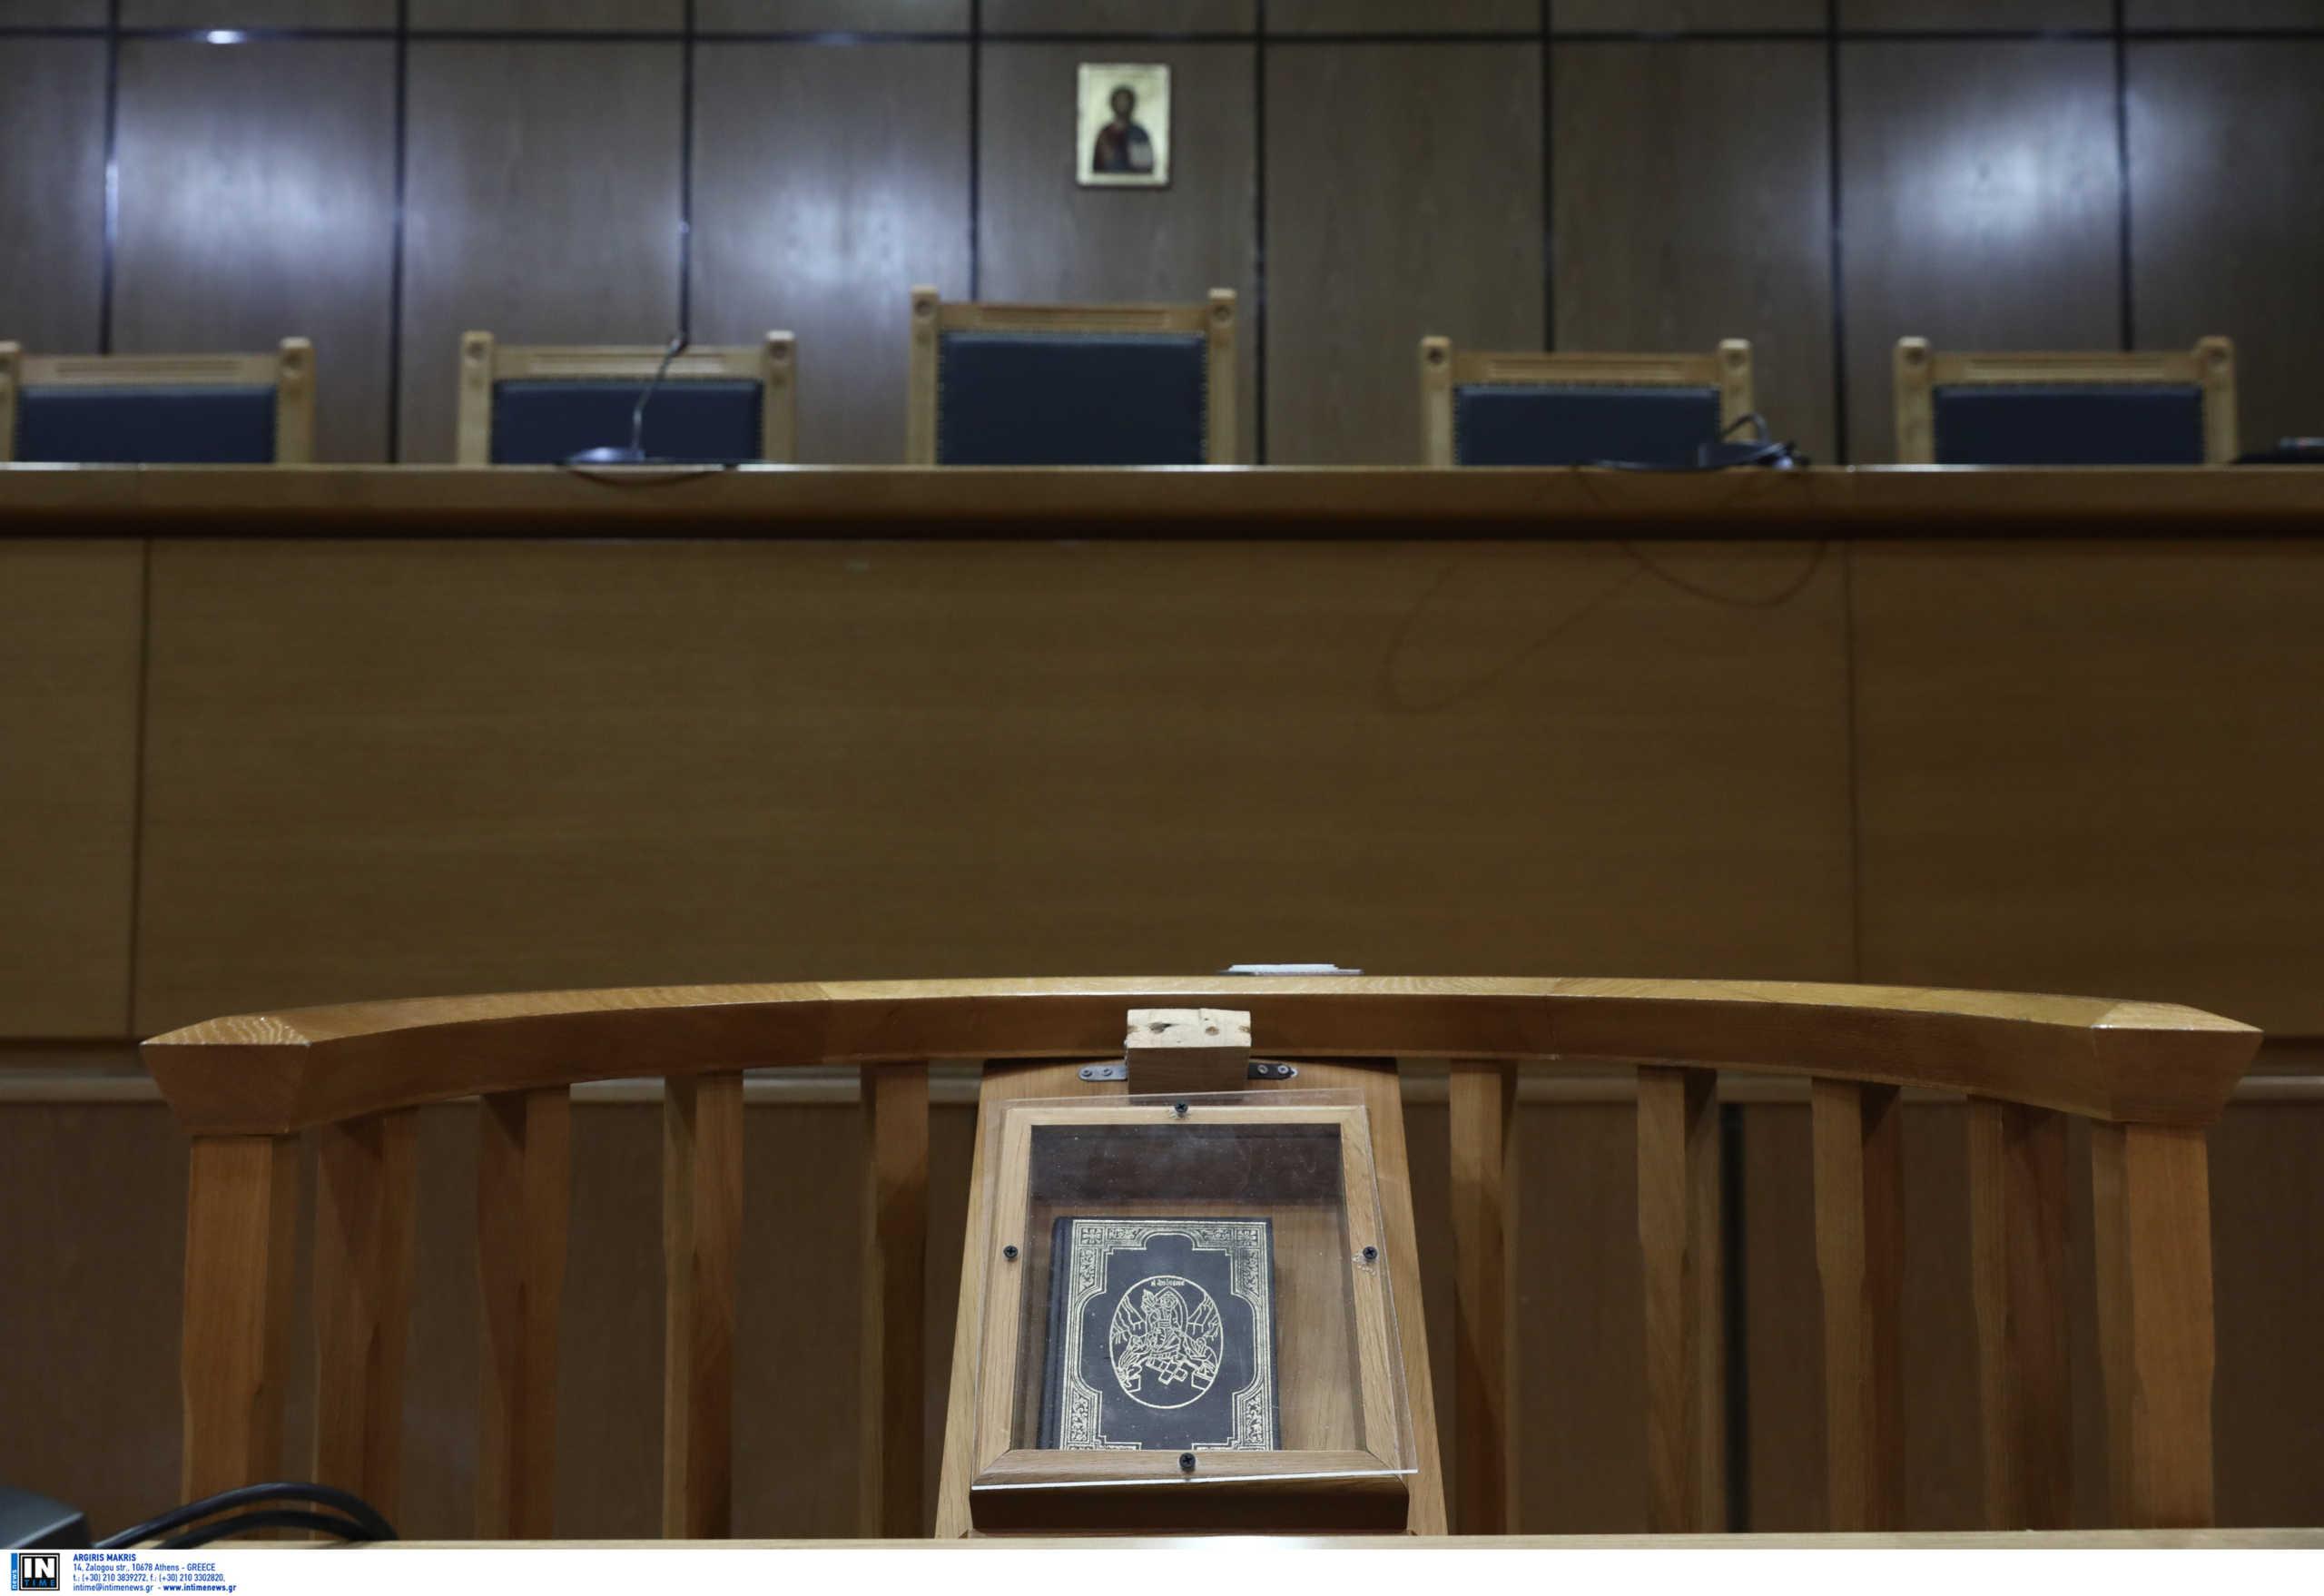 Βόλος: Ληστής και δολοφόνος ζήτησε να μειωθεί η ποινή του! Καταπέλτης ο εισαγγελέας